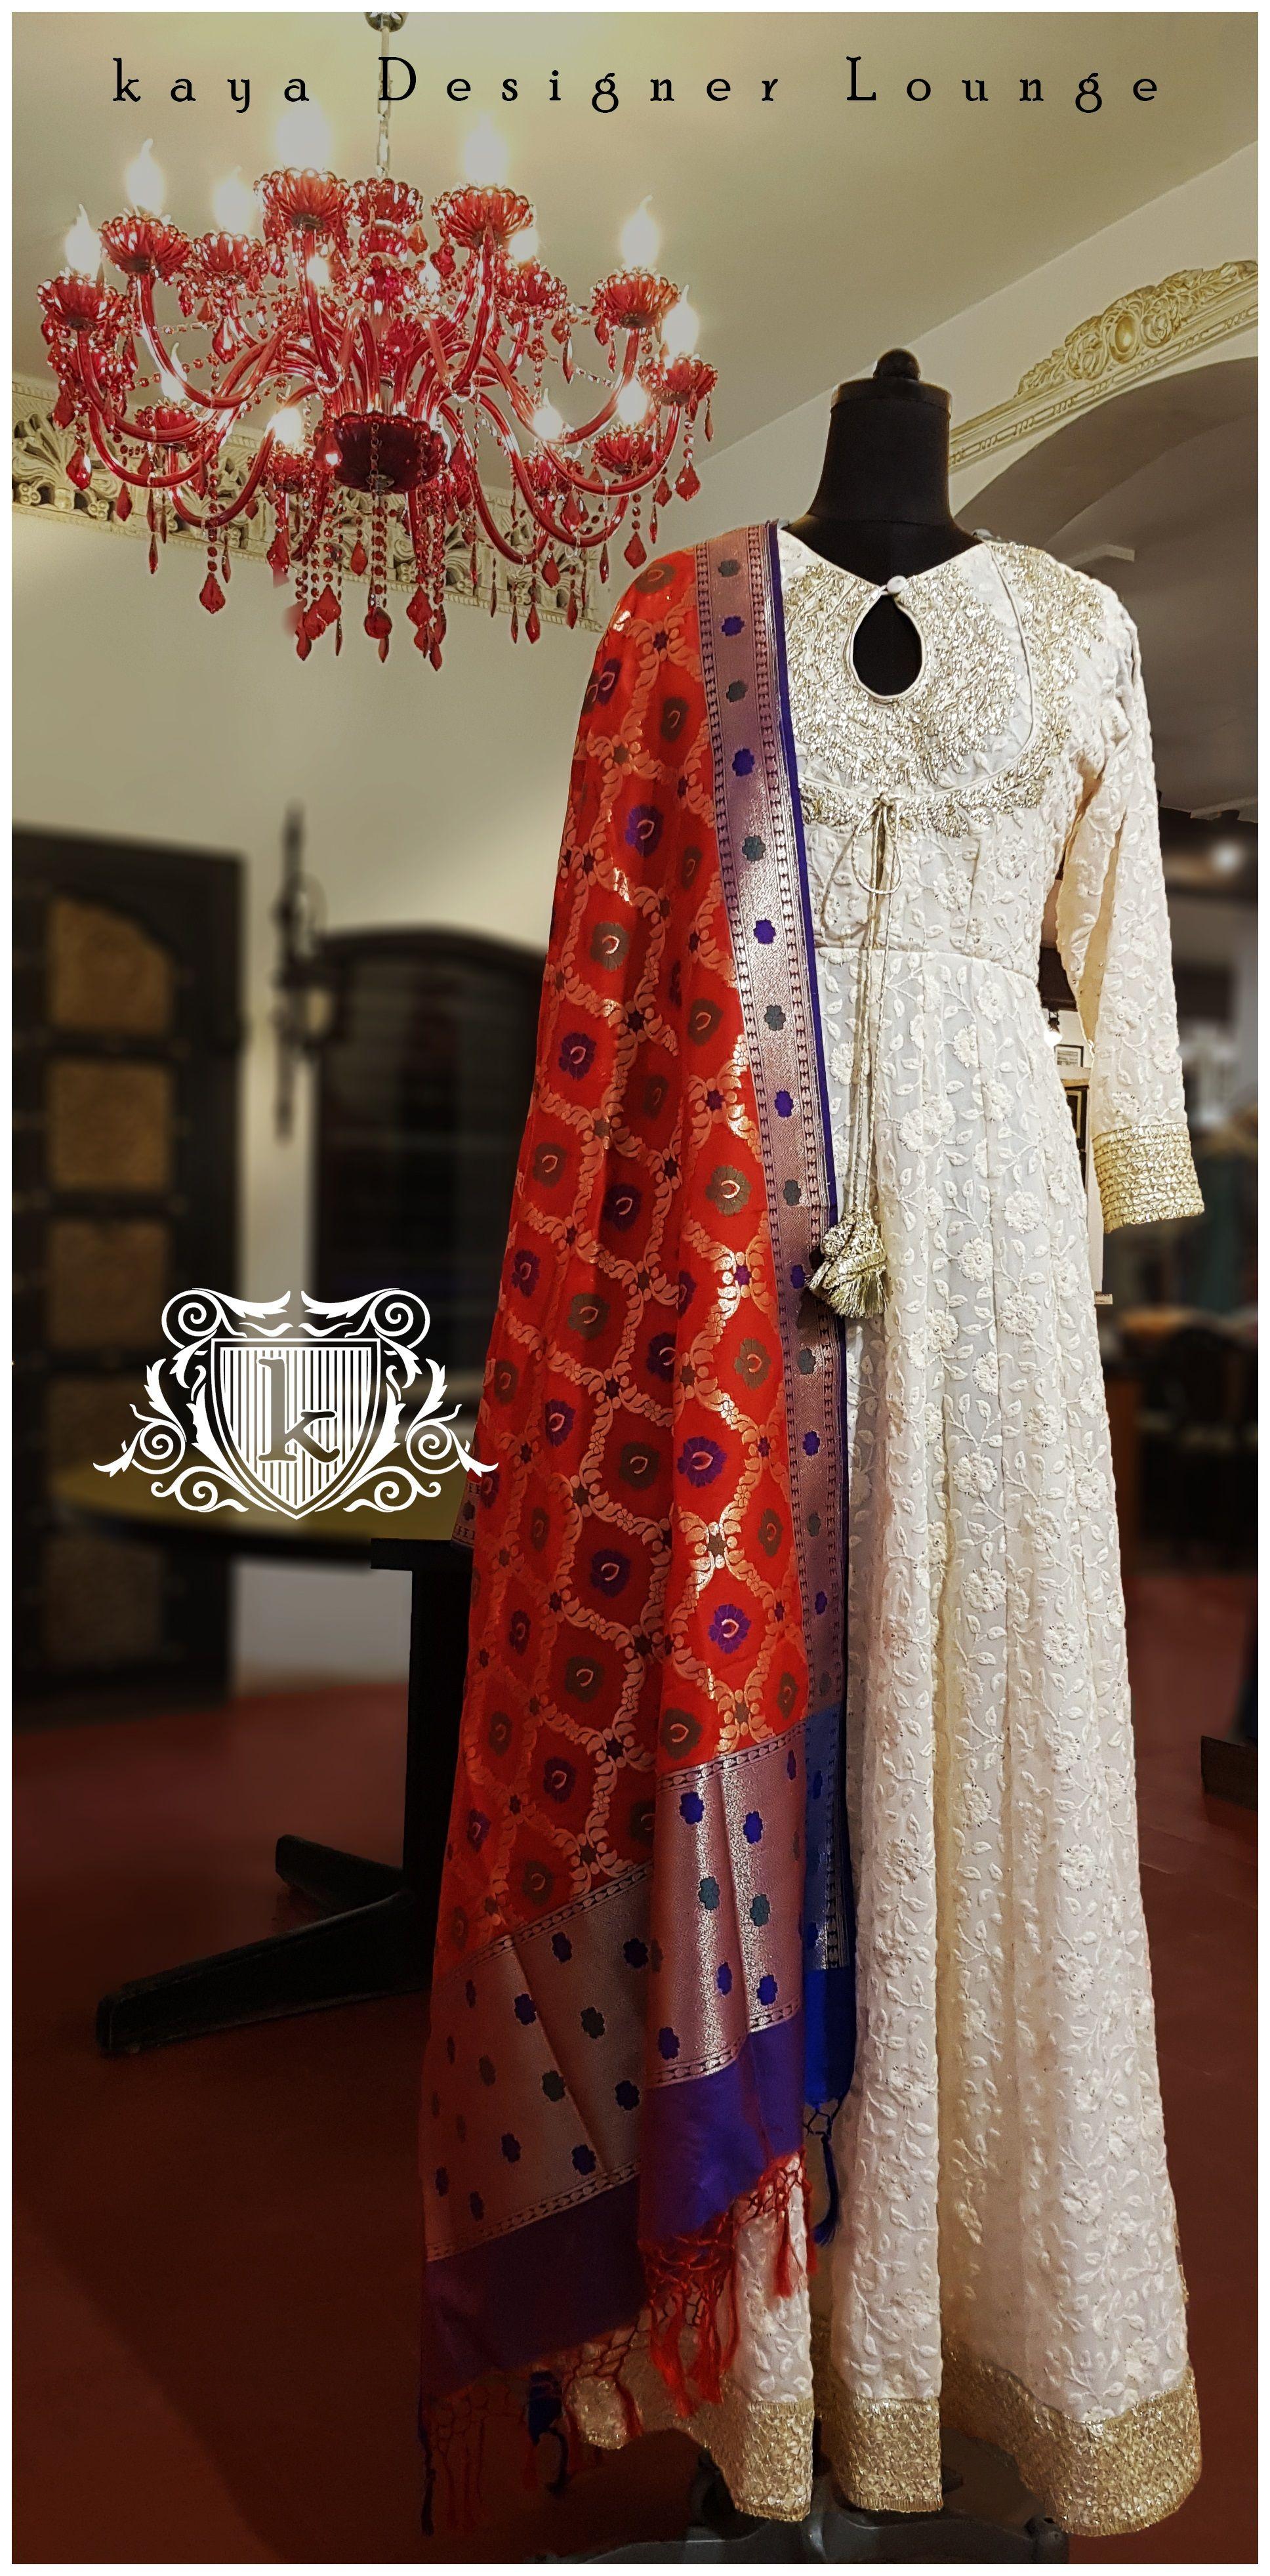 fb22f8a3c8 Ethnic Wear Traditional Wear Dupatta Anarkali Suit Kurti Lucknow Chikan  Chikankari Embroidery Chikankari Chikanart Handembroidery Chikankari